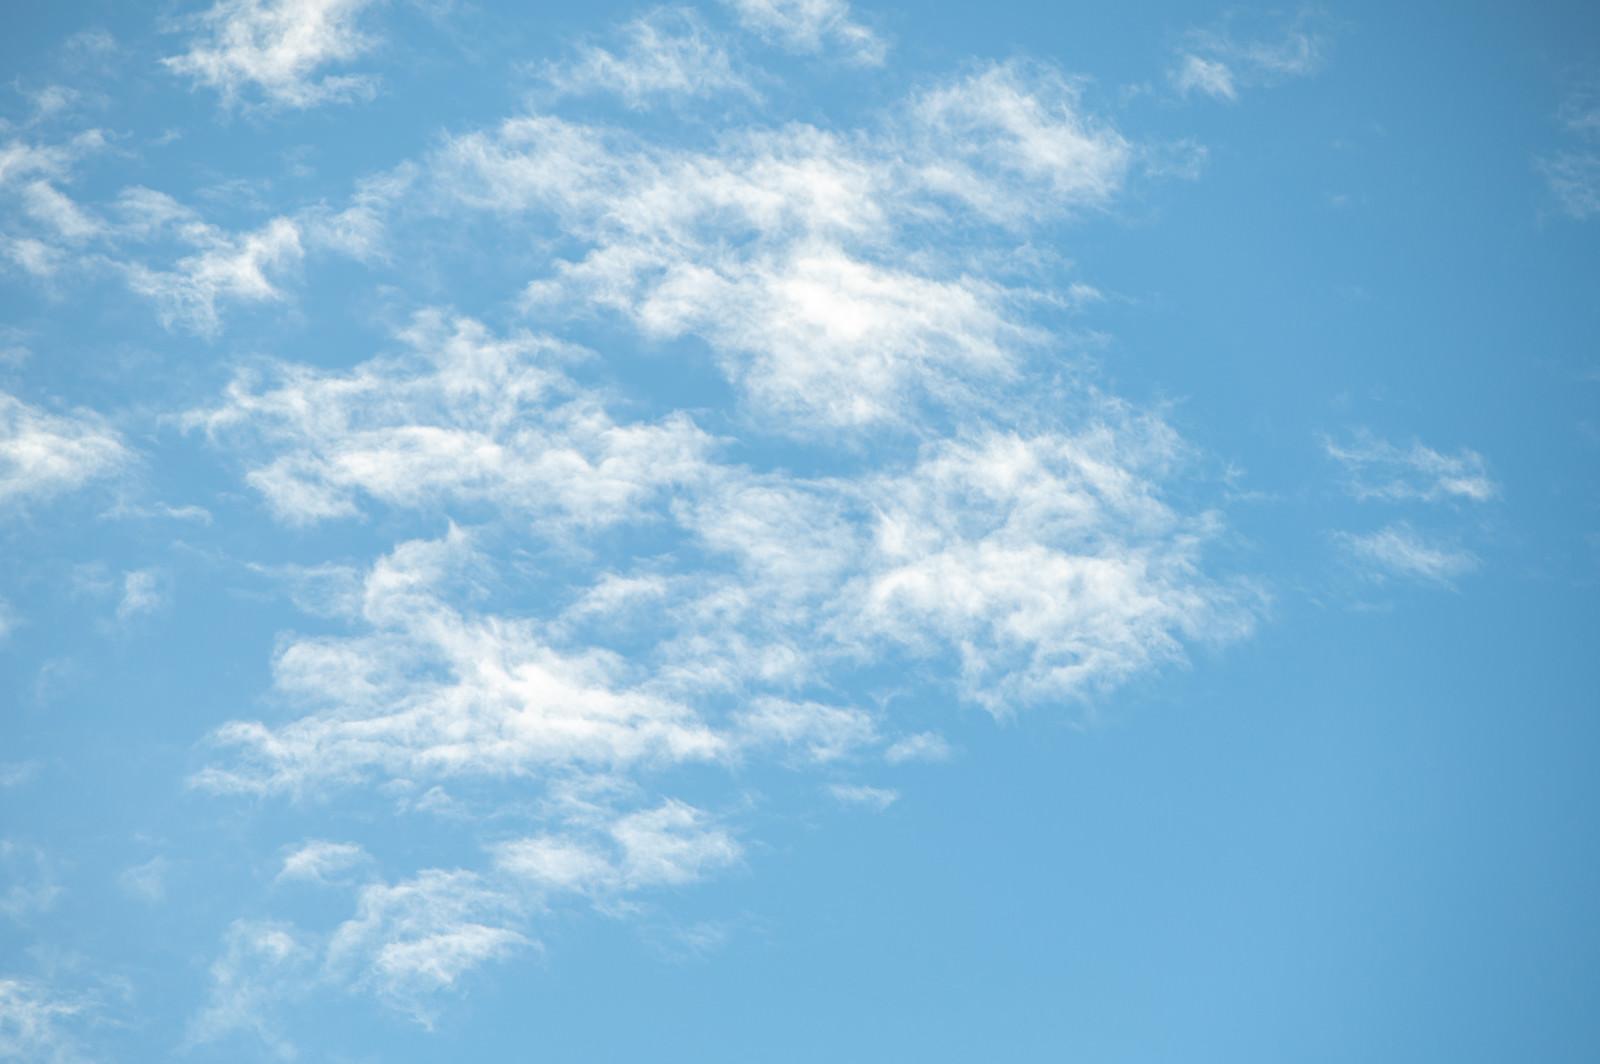 「晴れた空に雲が出てきた」の写真